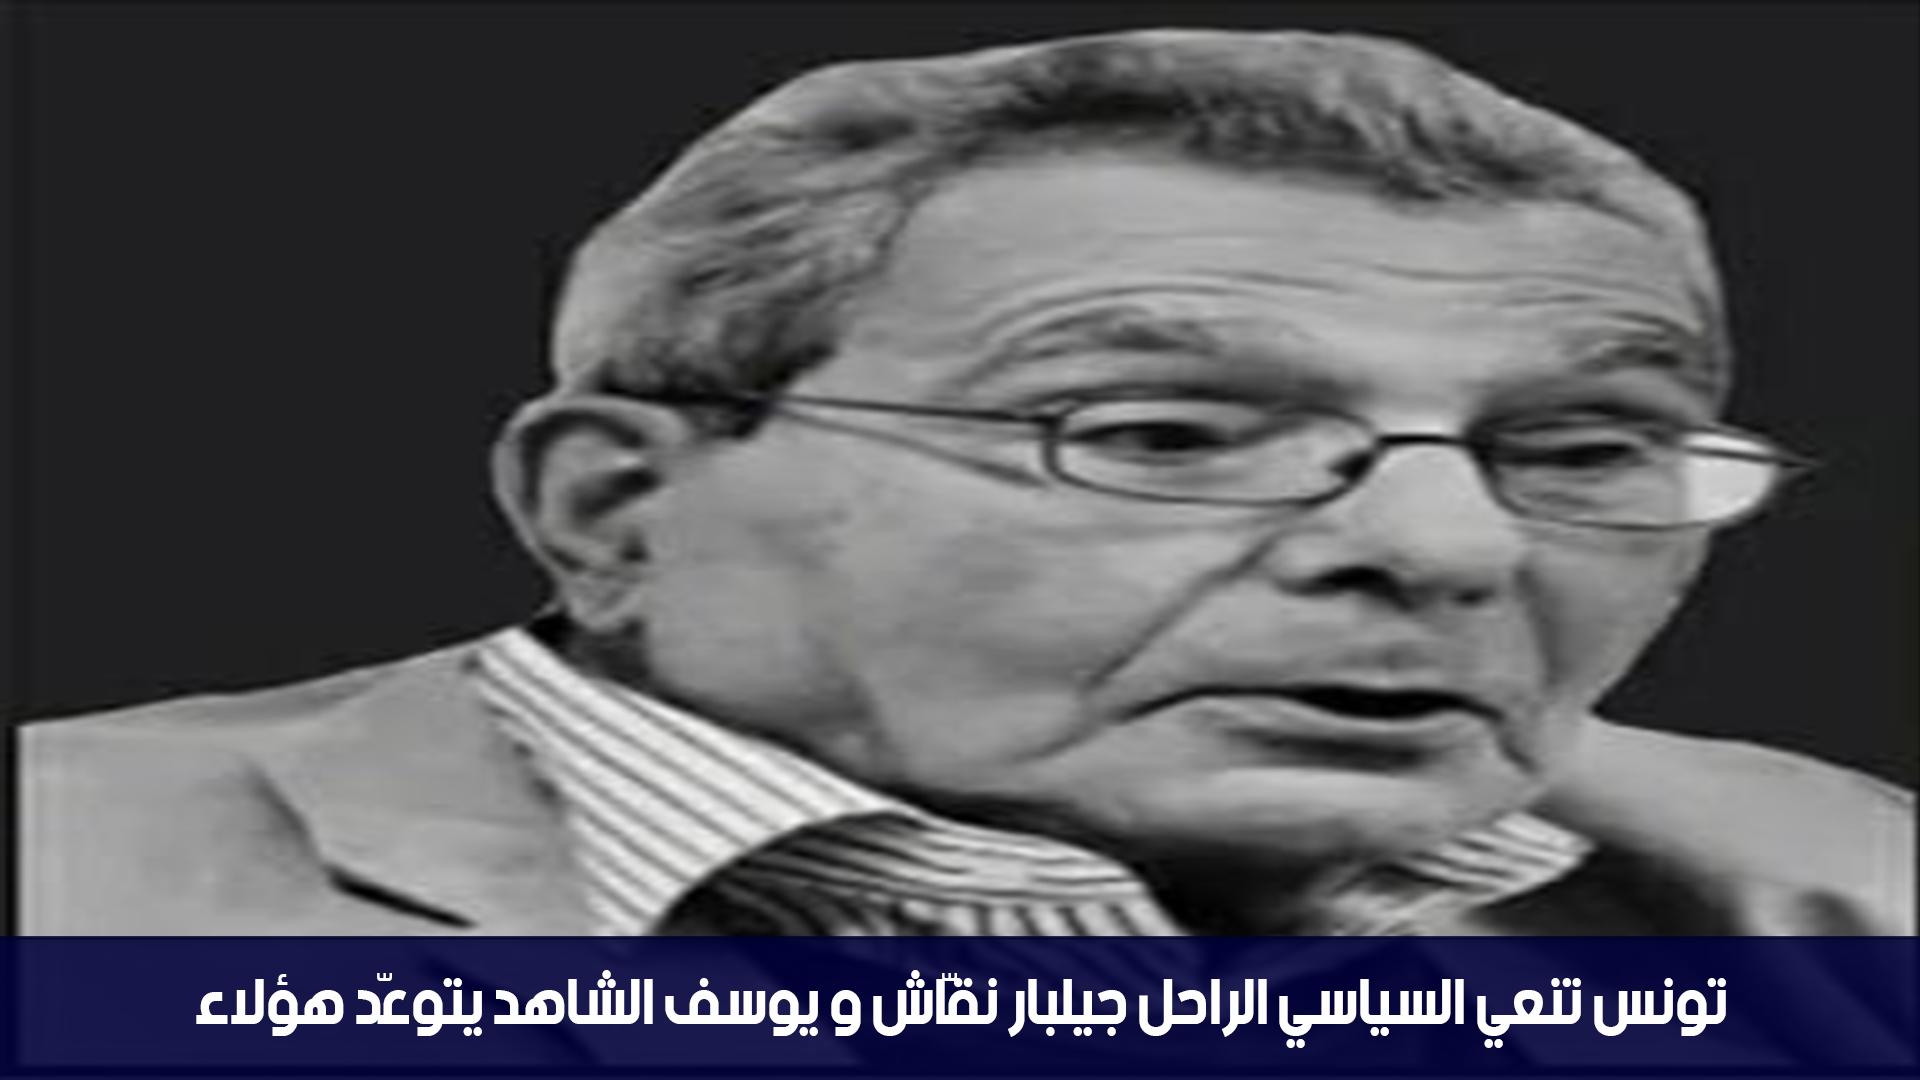 تونس تنعي السياسي الراحل جيلبار نقّاش و يوسف الشاهد يتوعّد هؤلاء